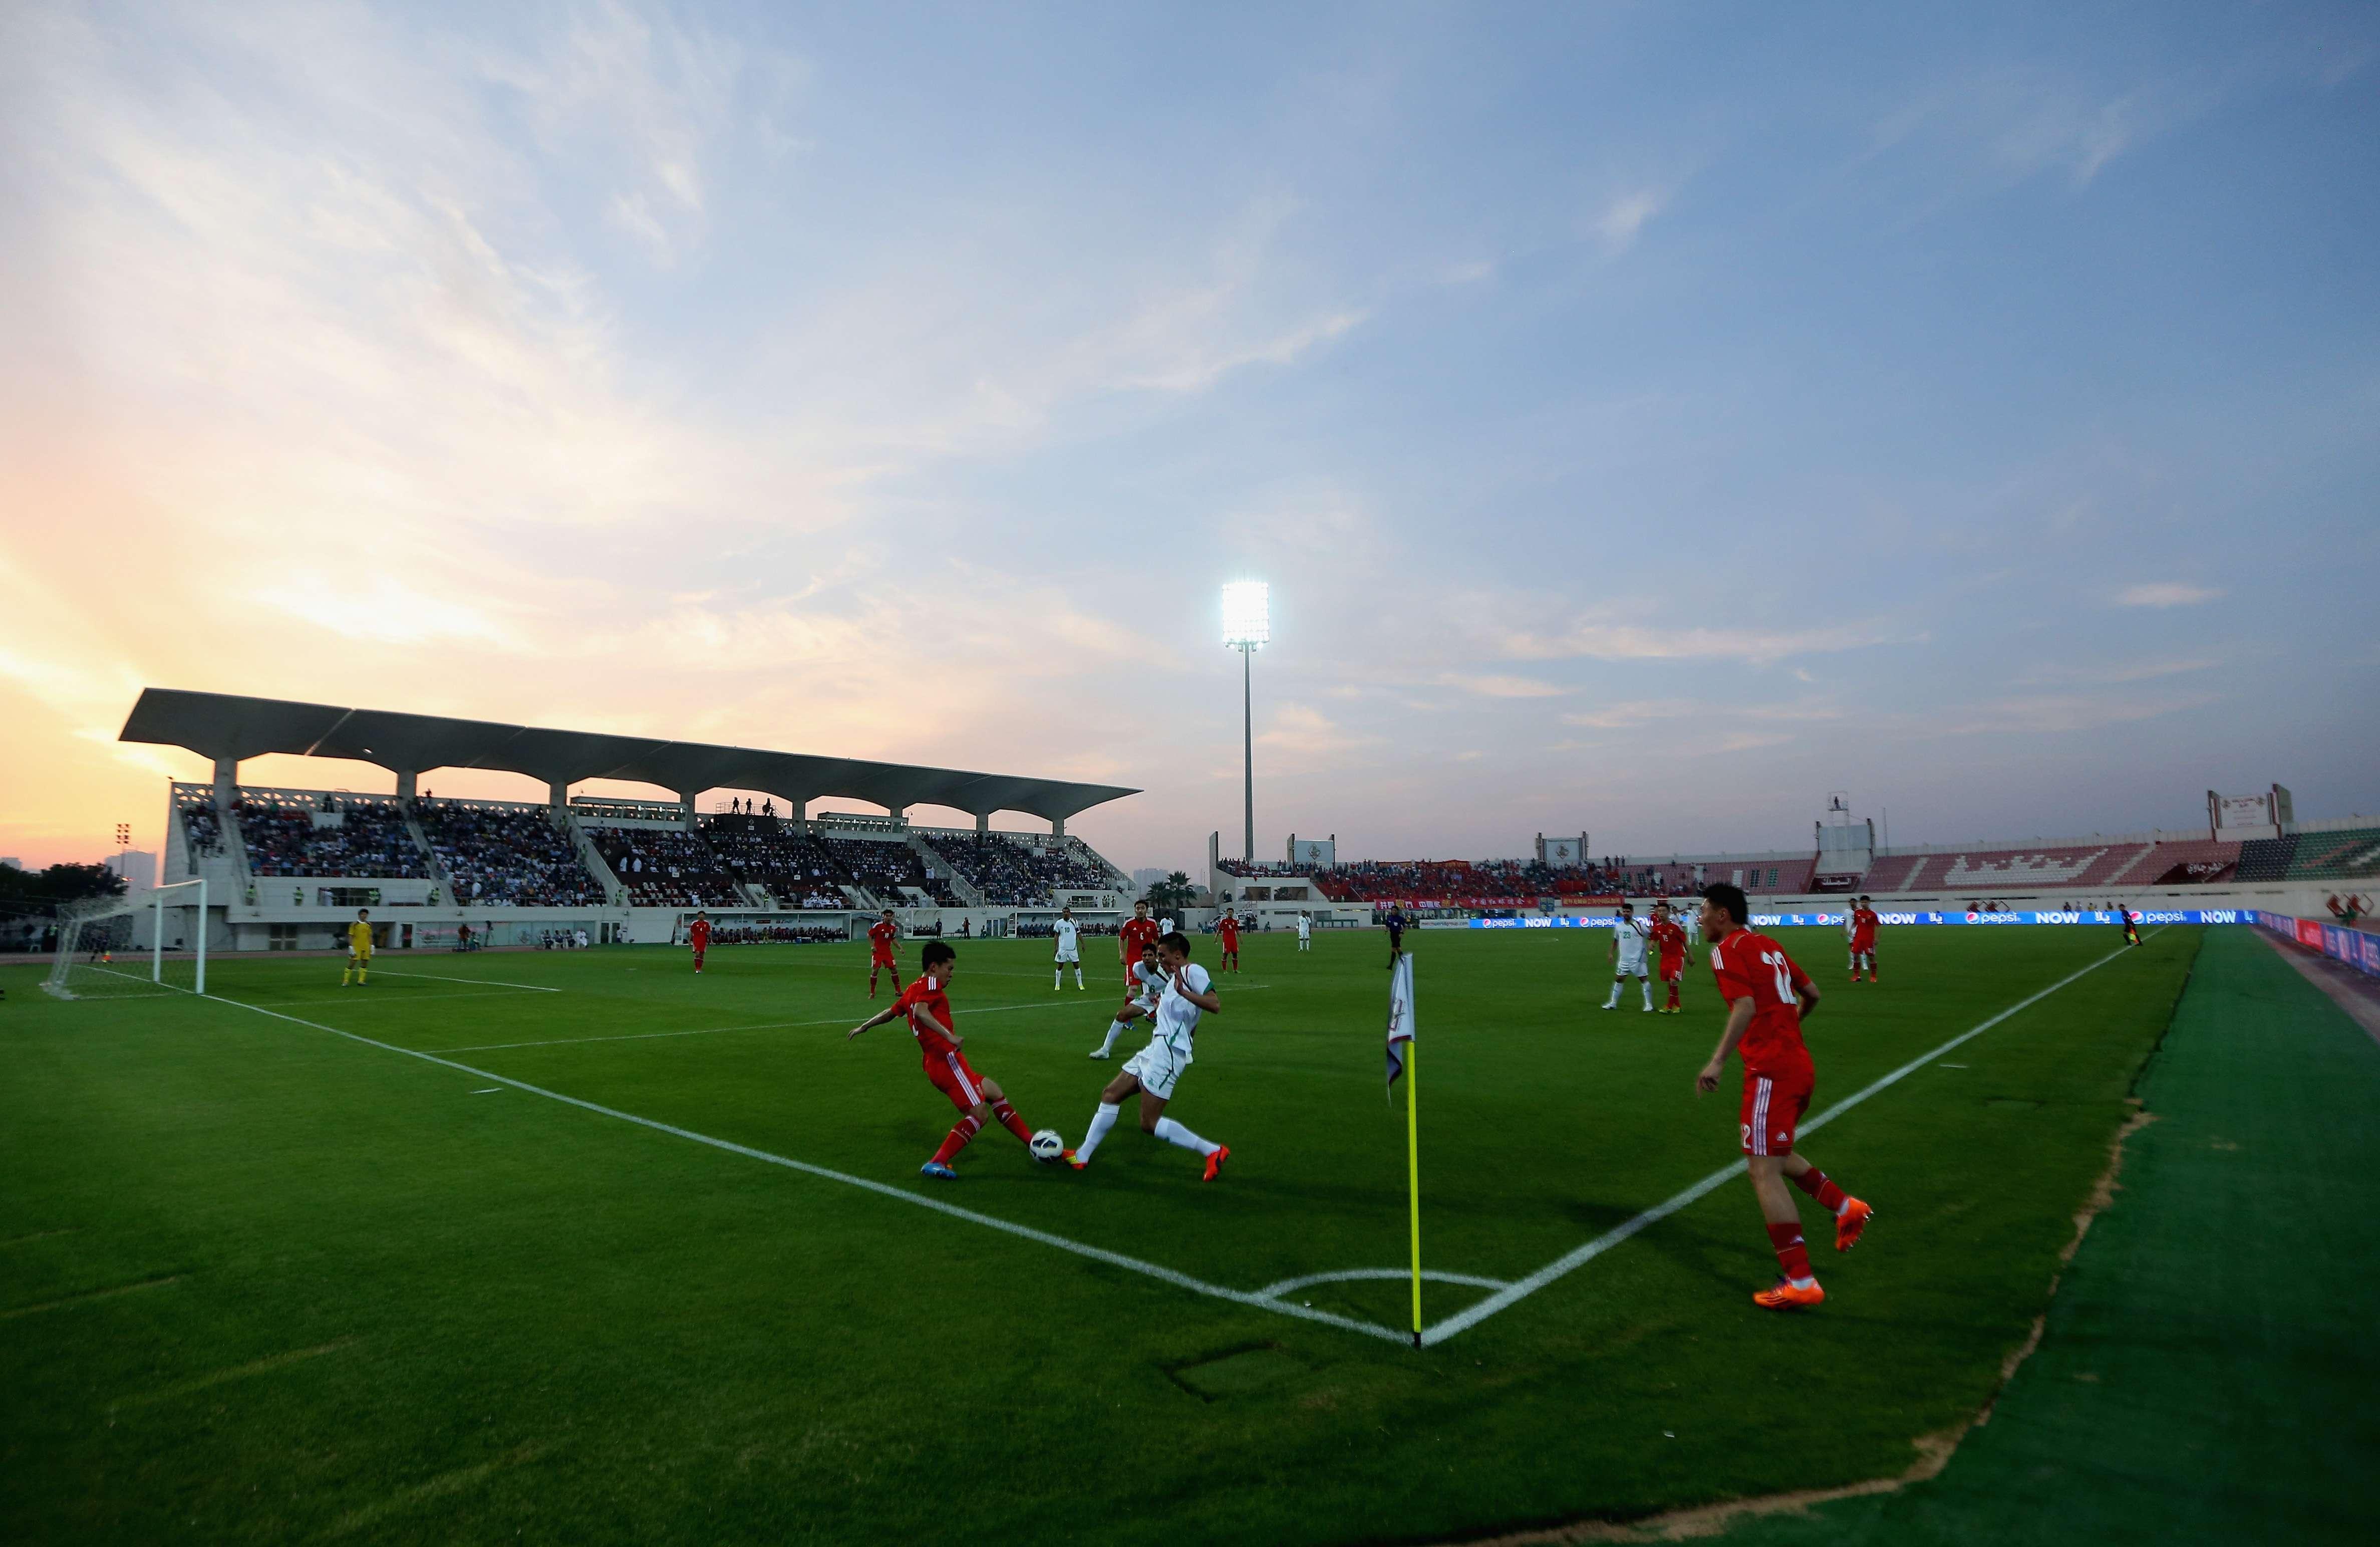 ورزشگاه الشارجه